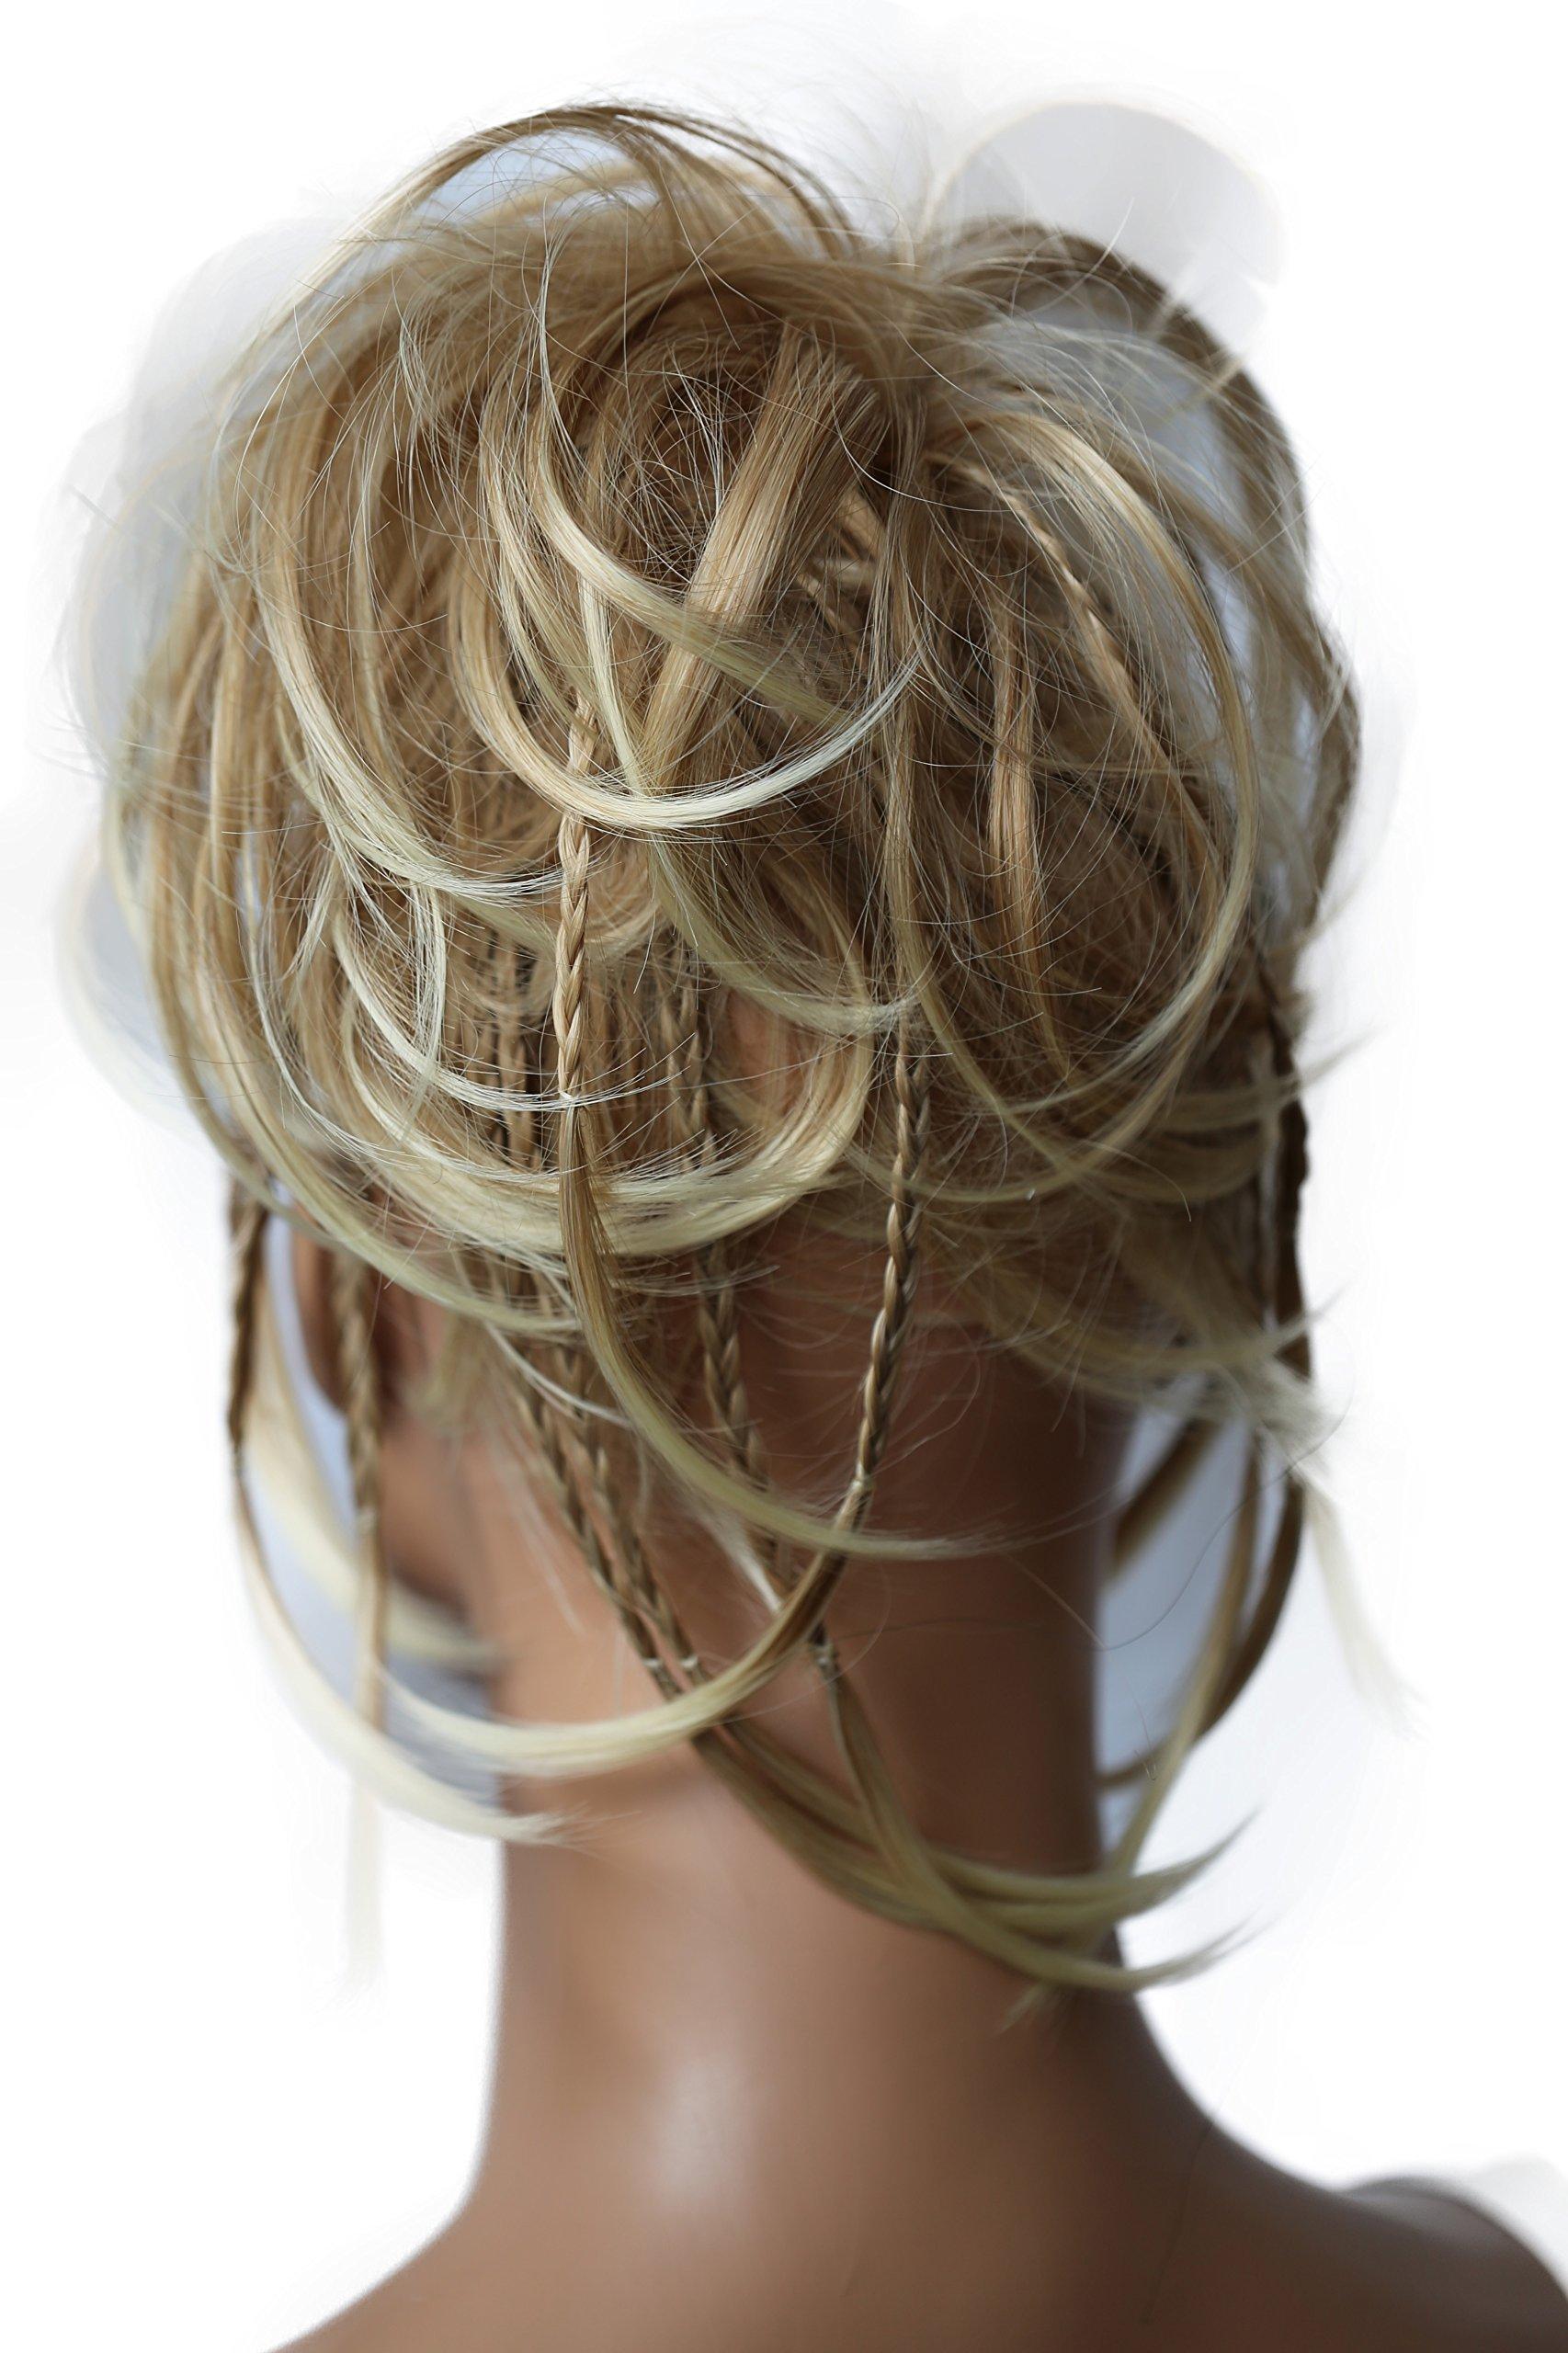 PRETTYSHOP Hairpiece Hair Rubber Scrunchie Scrunchy Updos VOLUMINOUS Wavy Messy Bun blonde mix # 28T613 G11D by Prettyshop Hairpiece